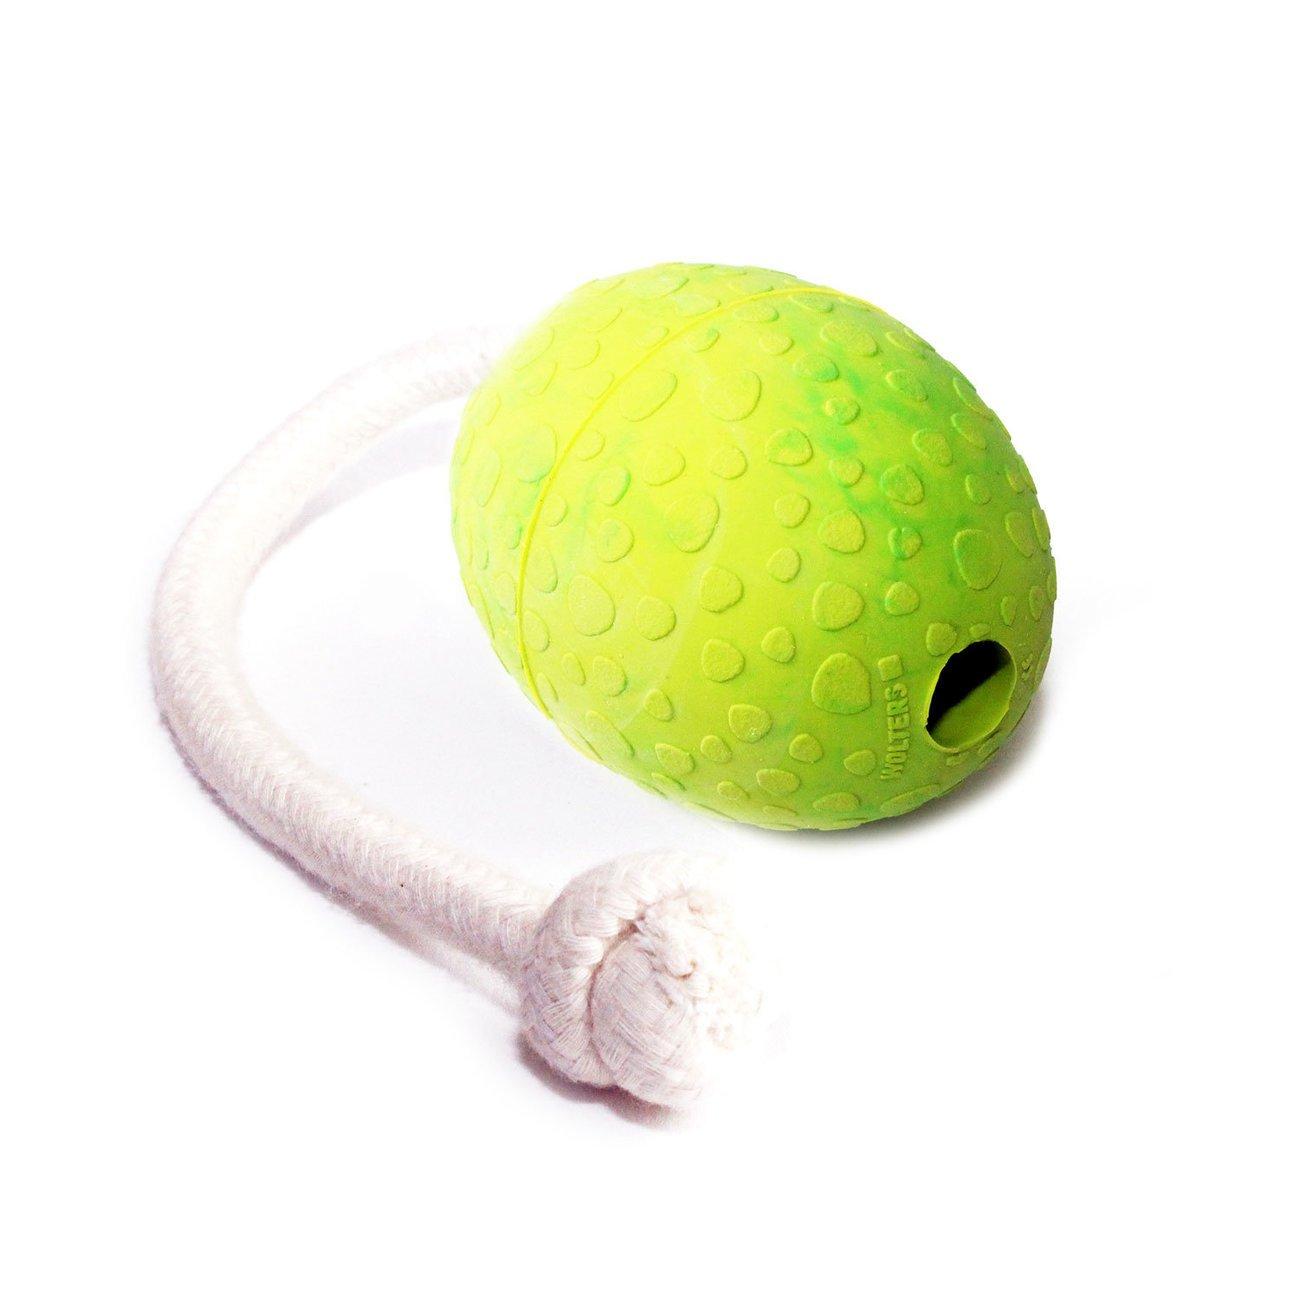 Wolters Straußen-Ei am Seil Hundespielzeug, Bild 4